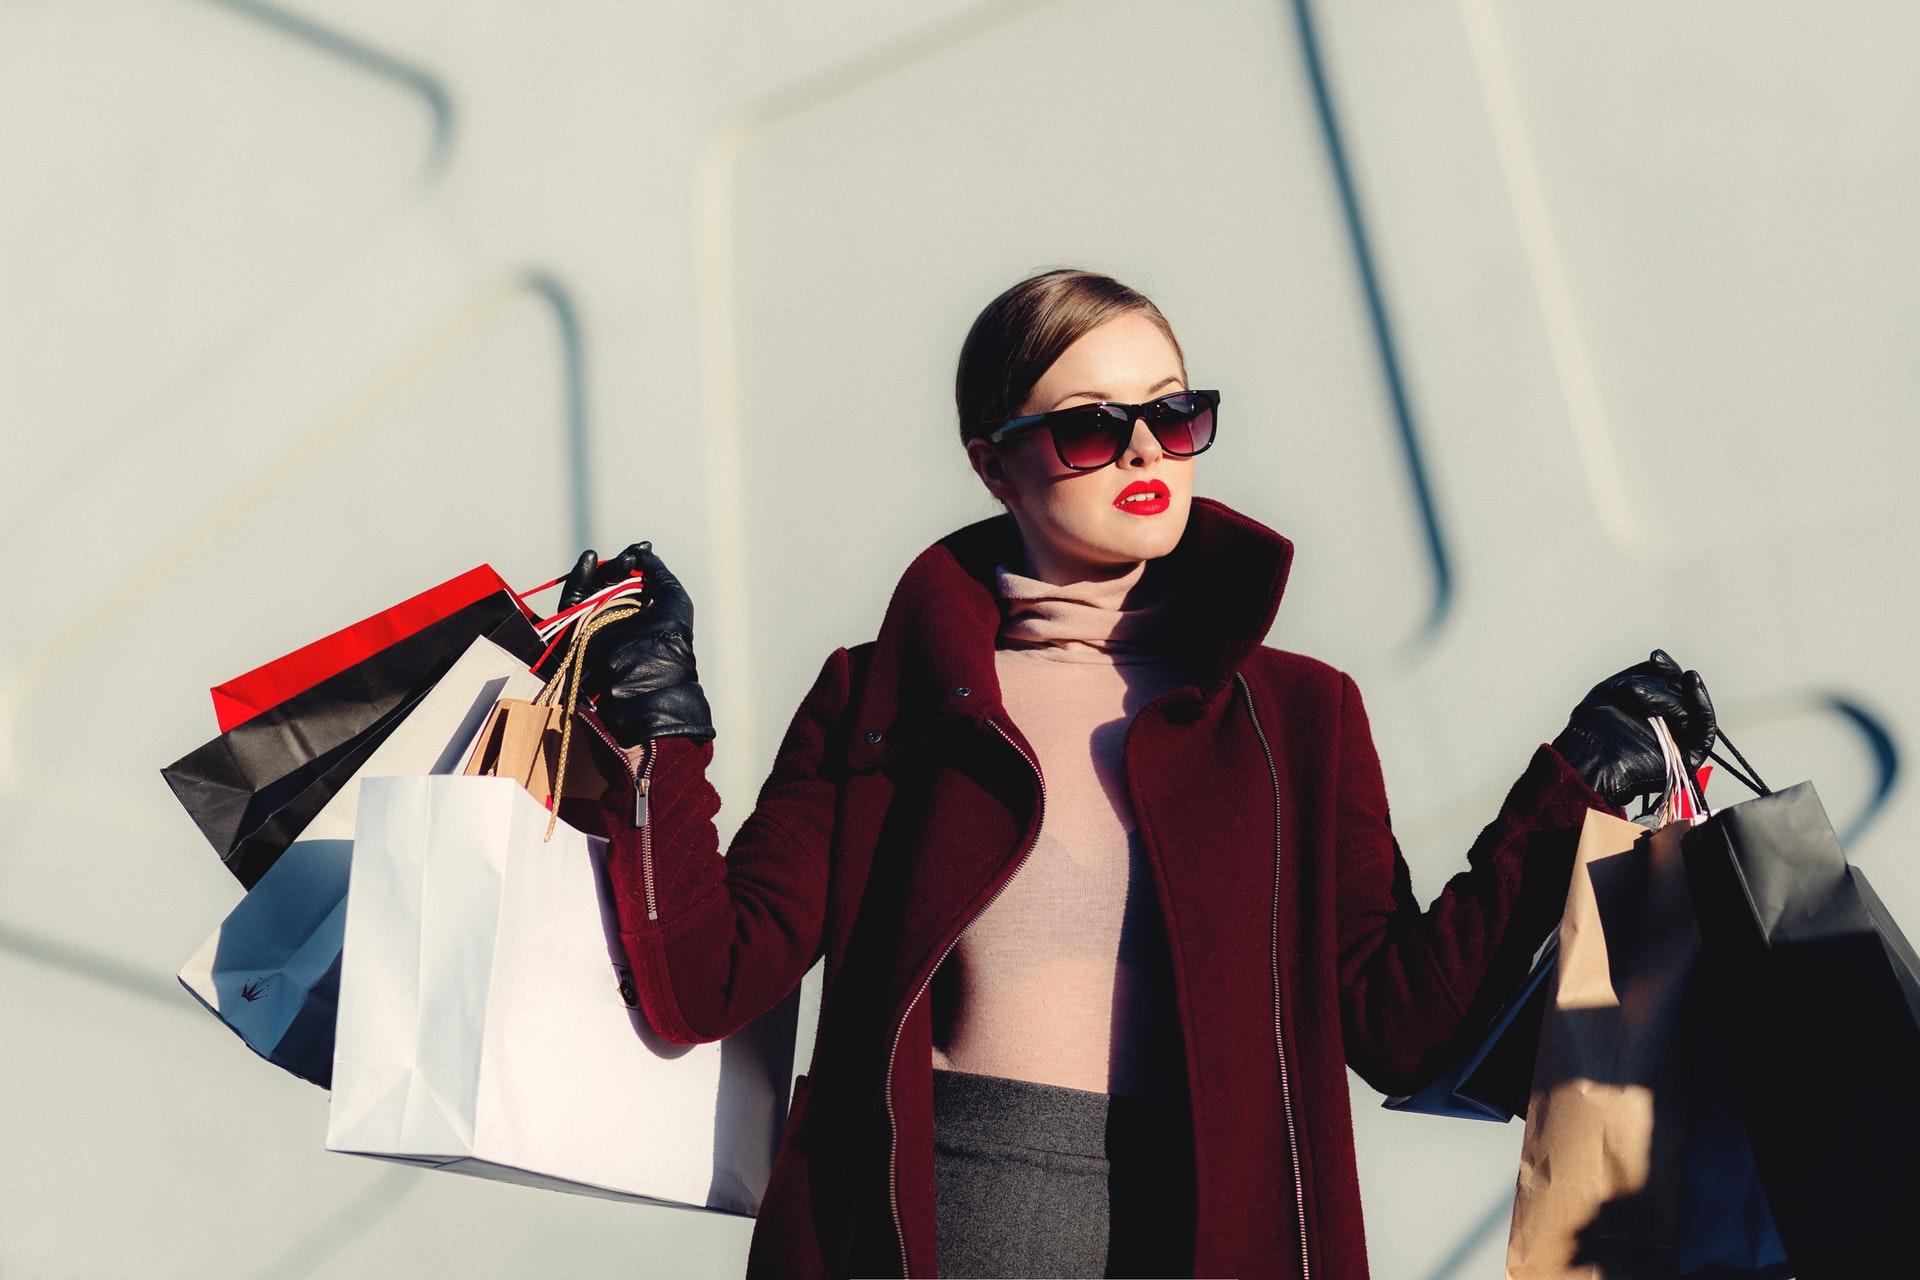 indkøb_handle_shopping